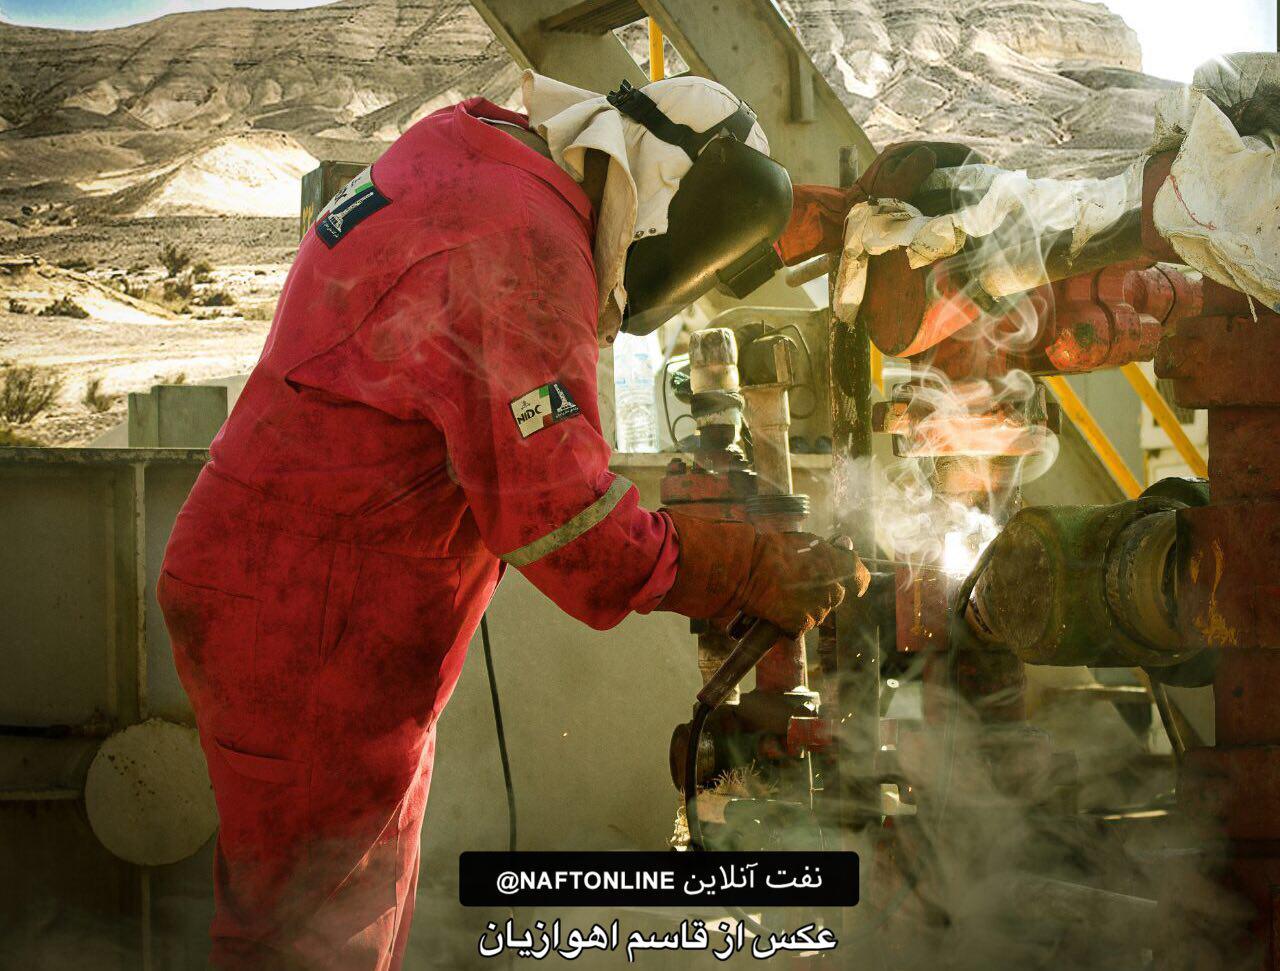 فیلمی از سختی کار حفارمردان صنعت نفت